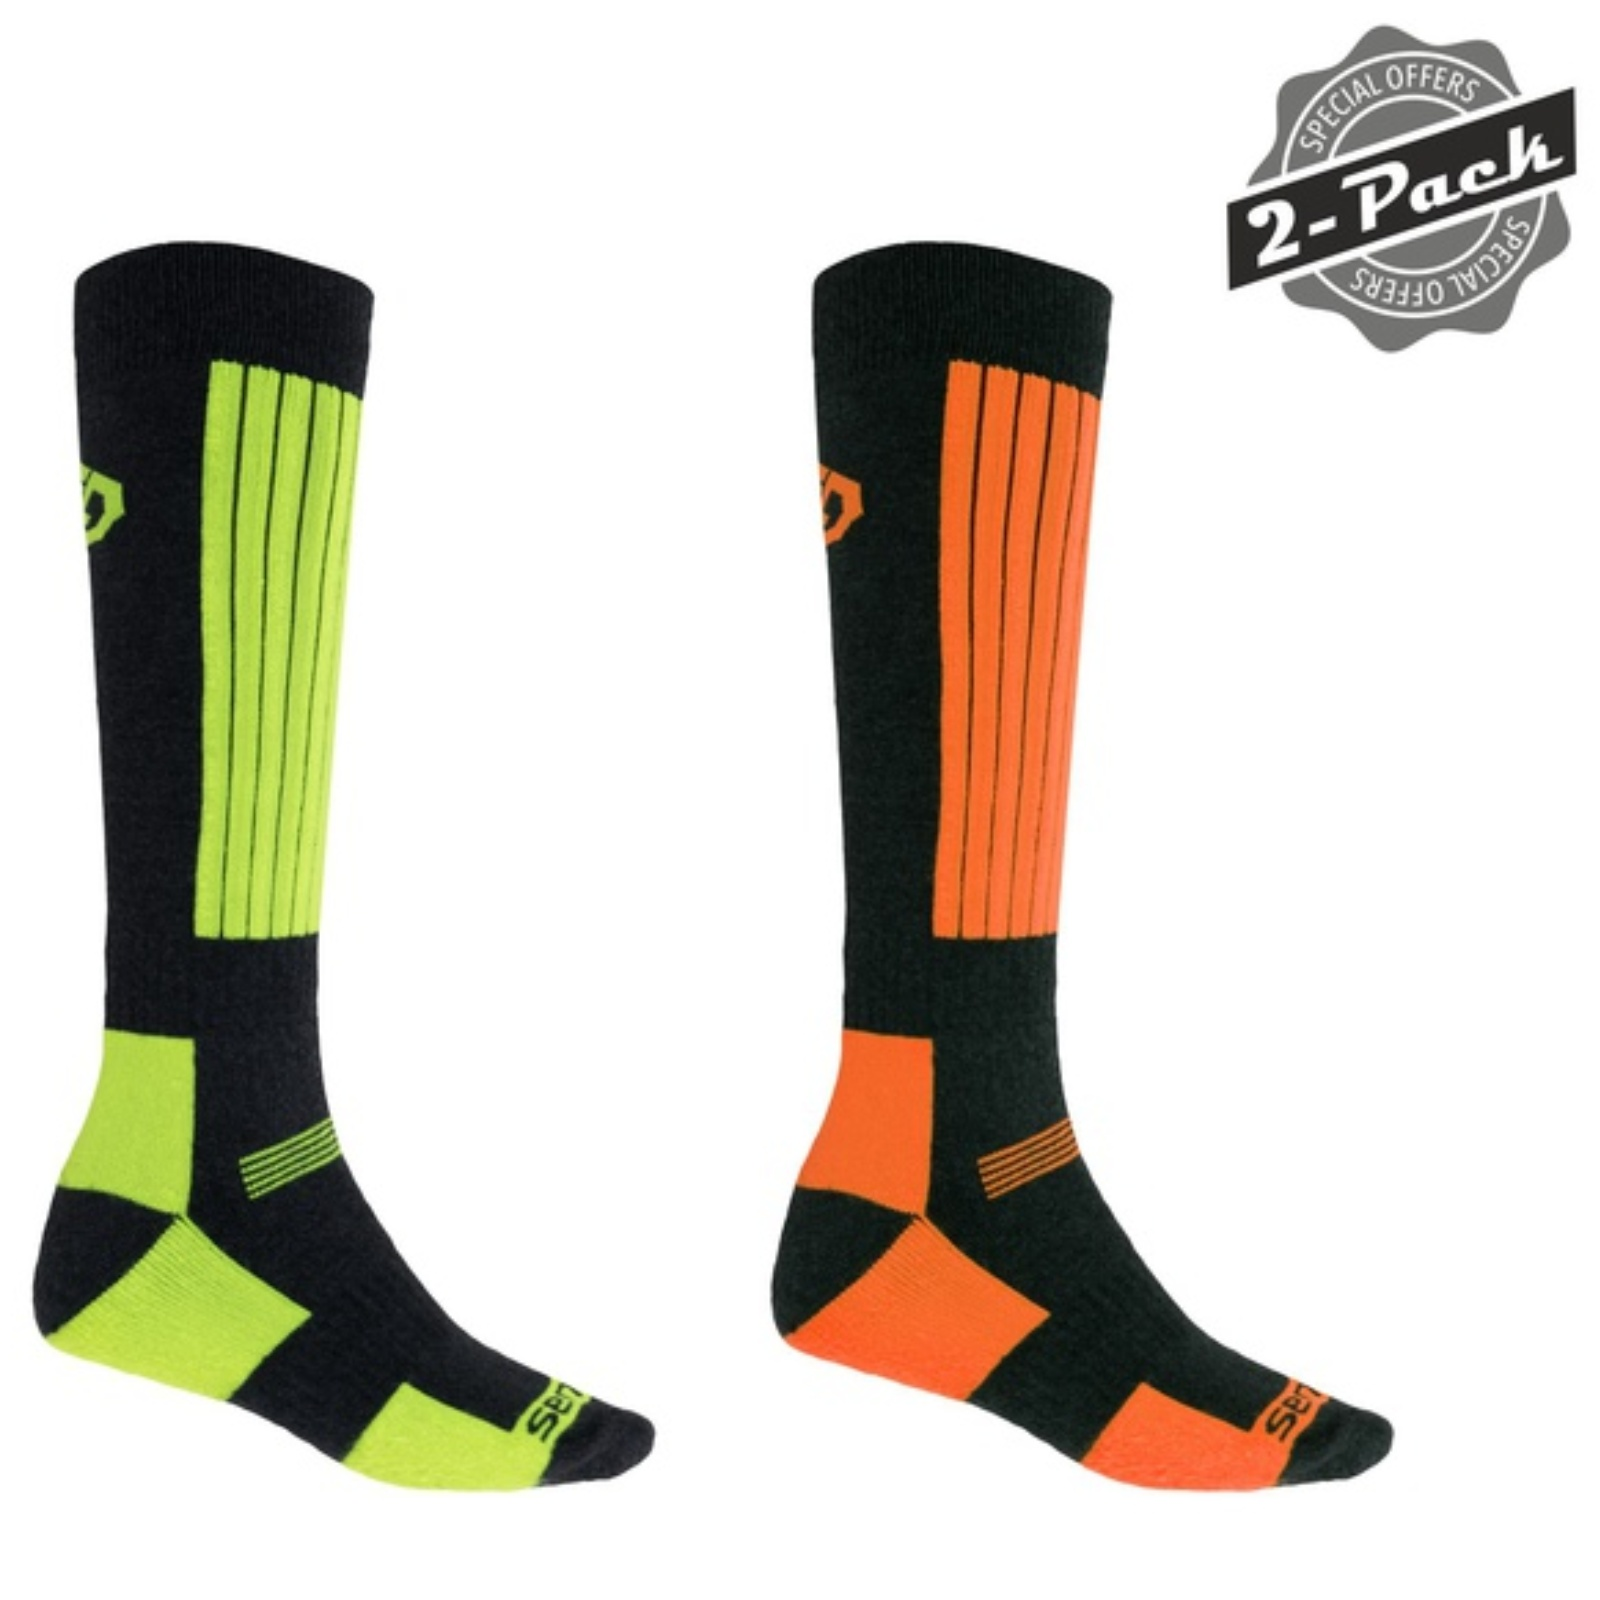 Ponožky SENSOR Snow set zelené+oranžové vel. 3-5